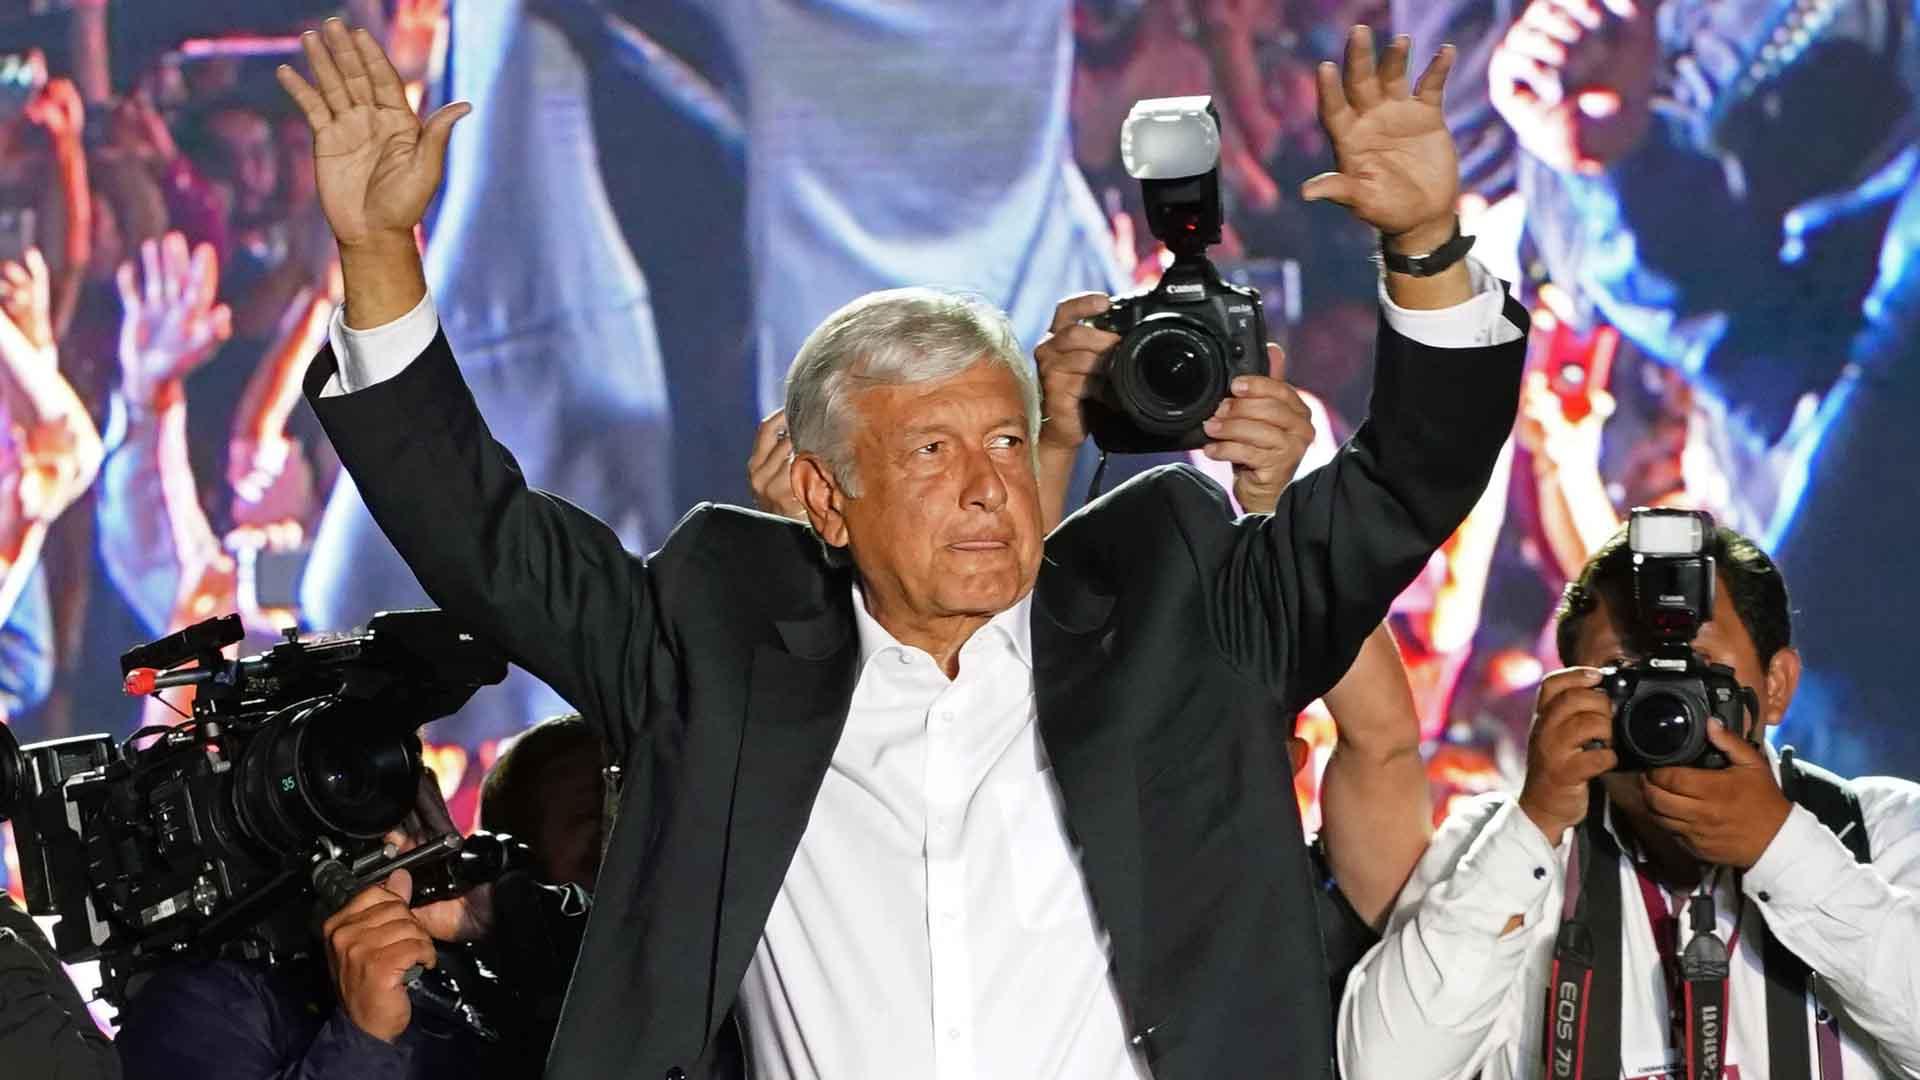 """Conoce al presidente AMLO, el jefe de México que rompe protocolo y se toma """"selfies"""""""